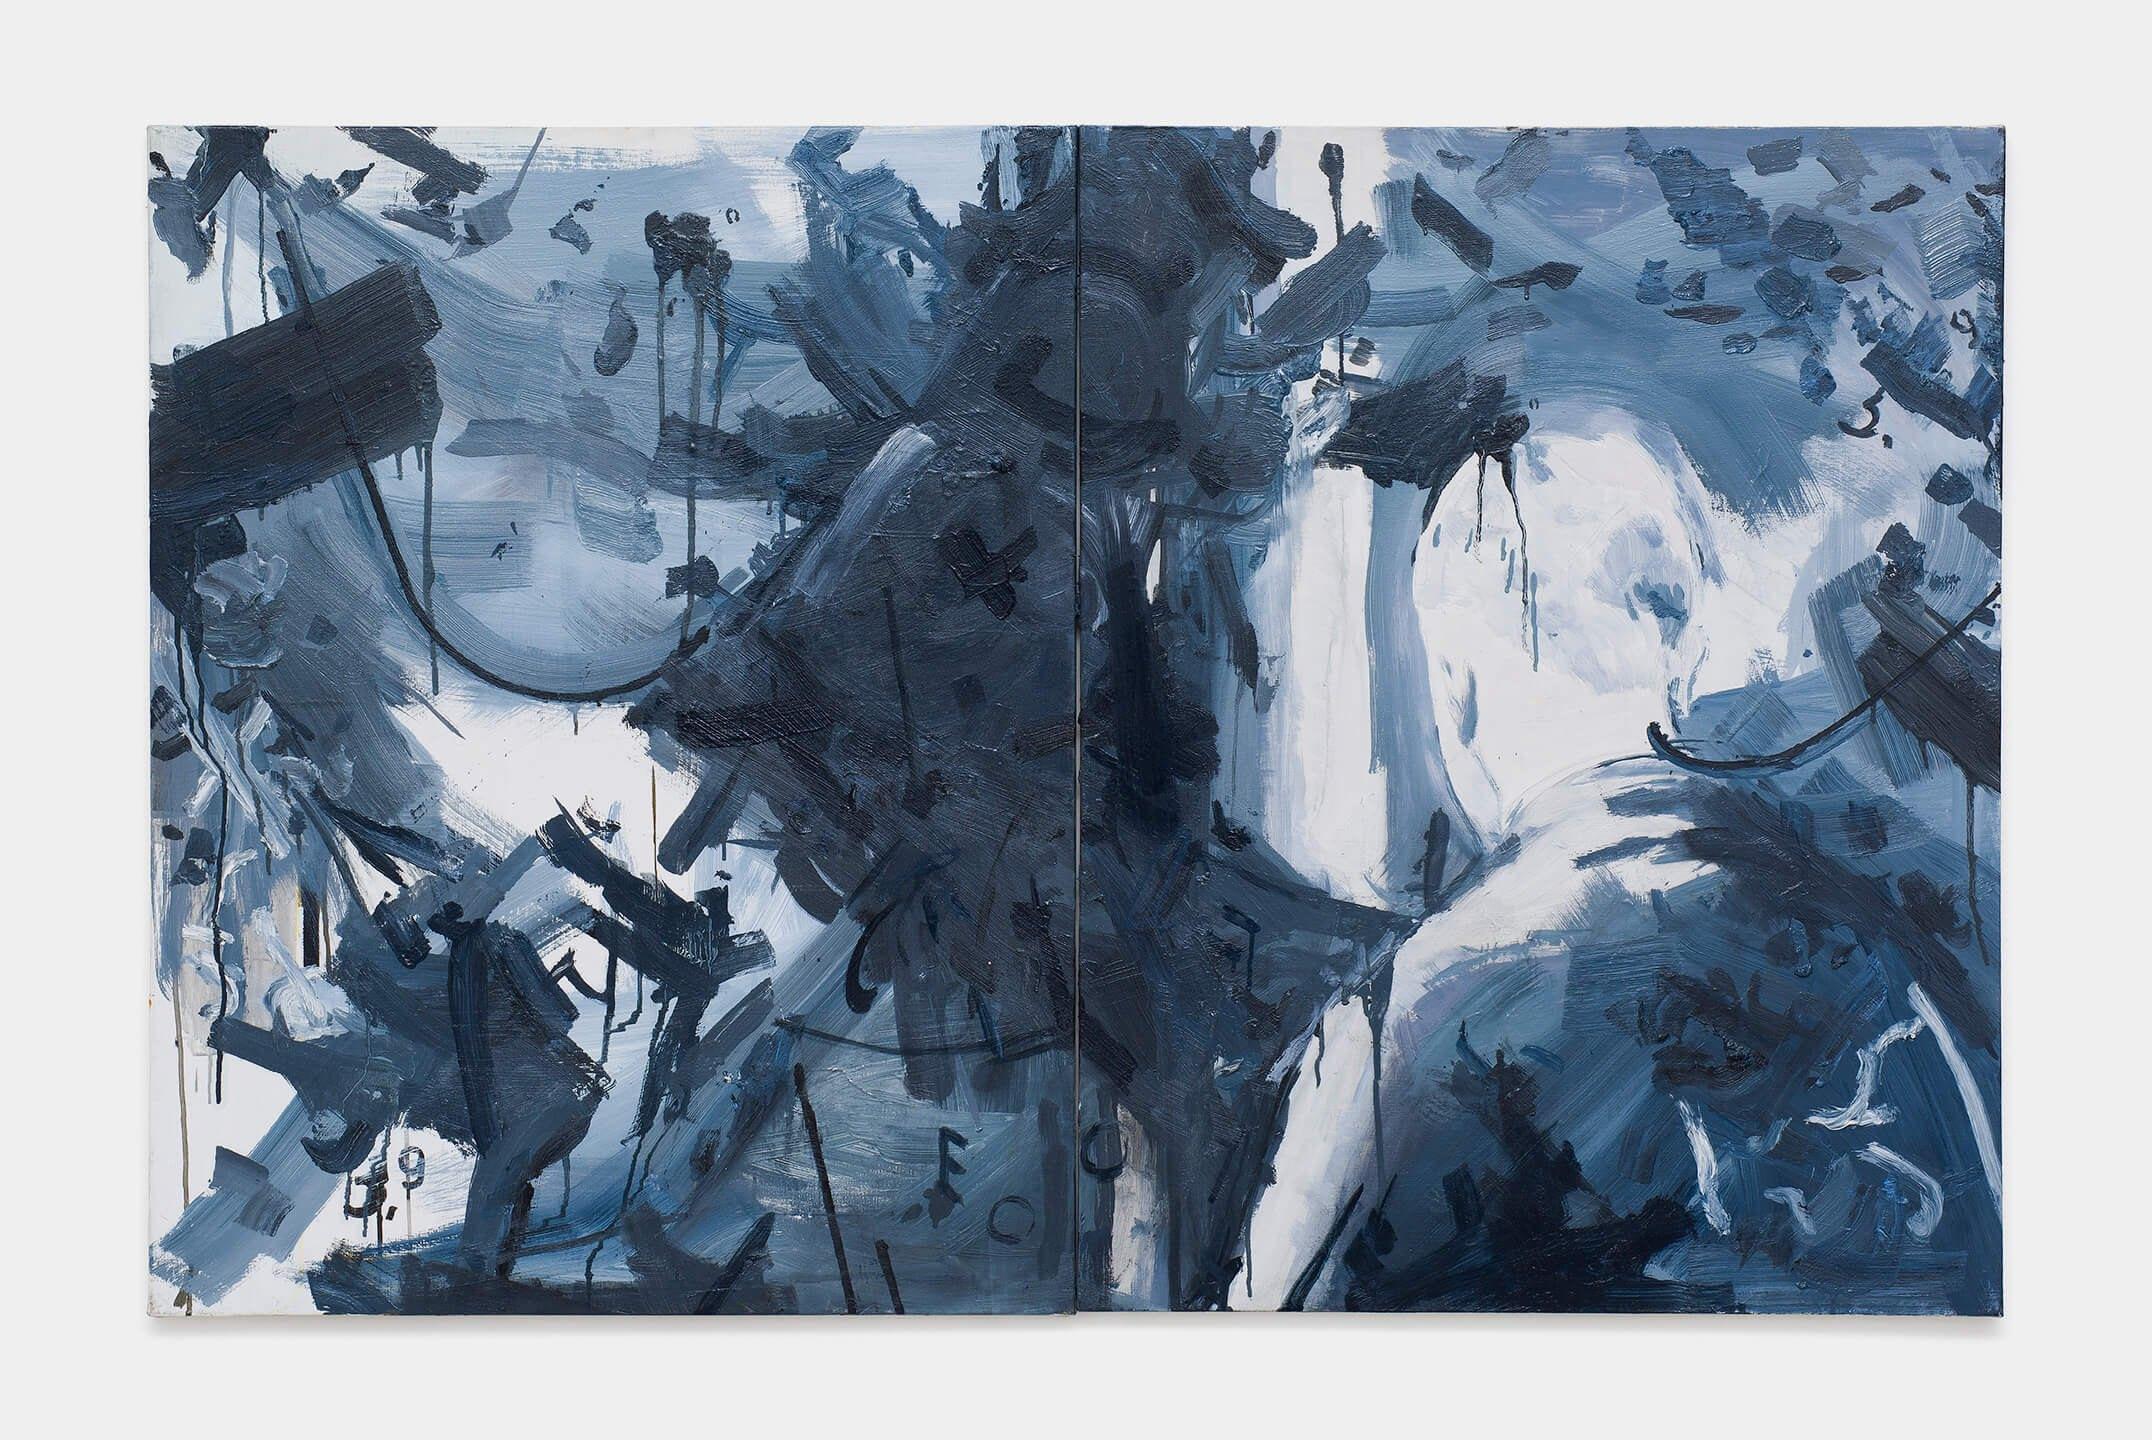 Deyson Gilbert,<em>Mikhail Gorbachev visita o Museu de Arte Moderna (from Questão de Ordem ou Estudos para Síndrome de Gerstmann series)</em>,2009/2016, oil on wood, 90×140 cm - Mendes Wood DM